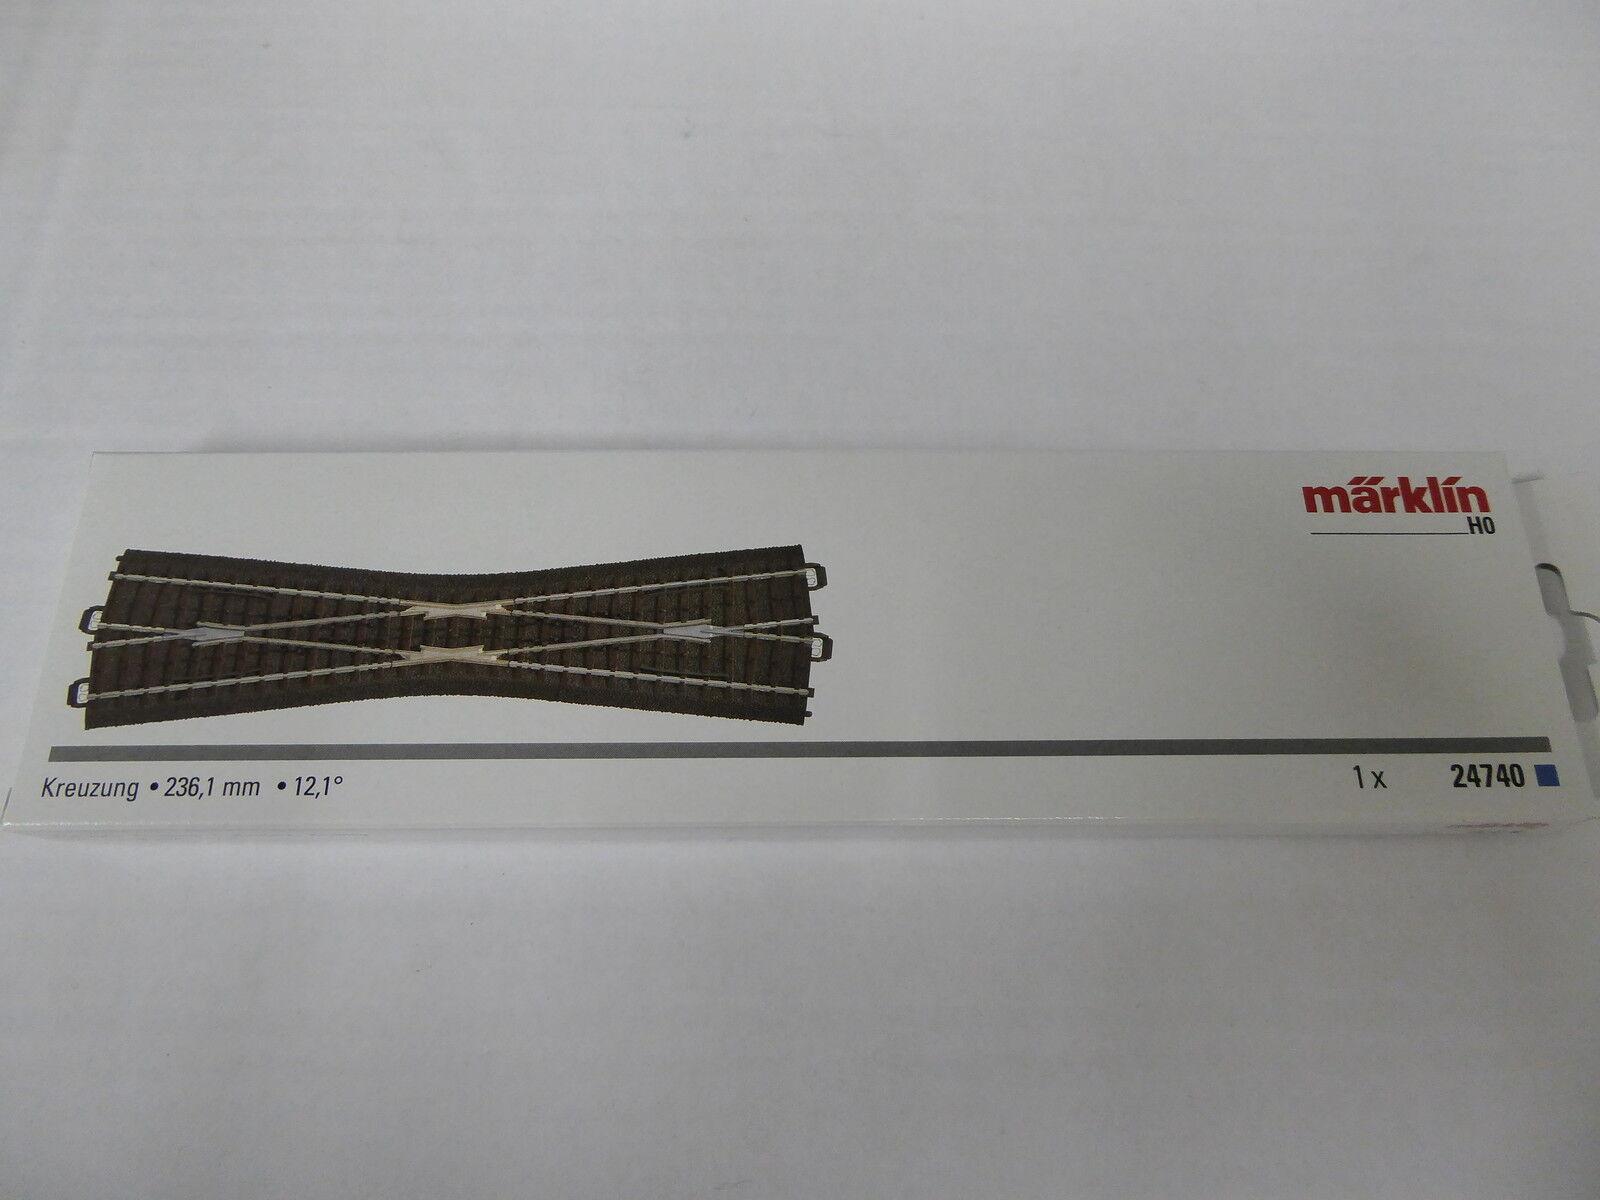 Arti.-Nr.24740 Märklin C-Gleis Kreuzung schlank 236,1 mm NEUWARE